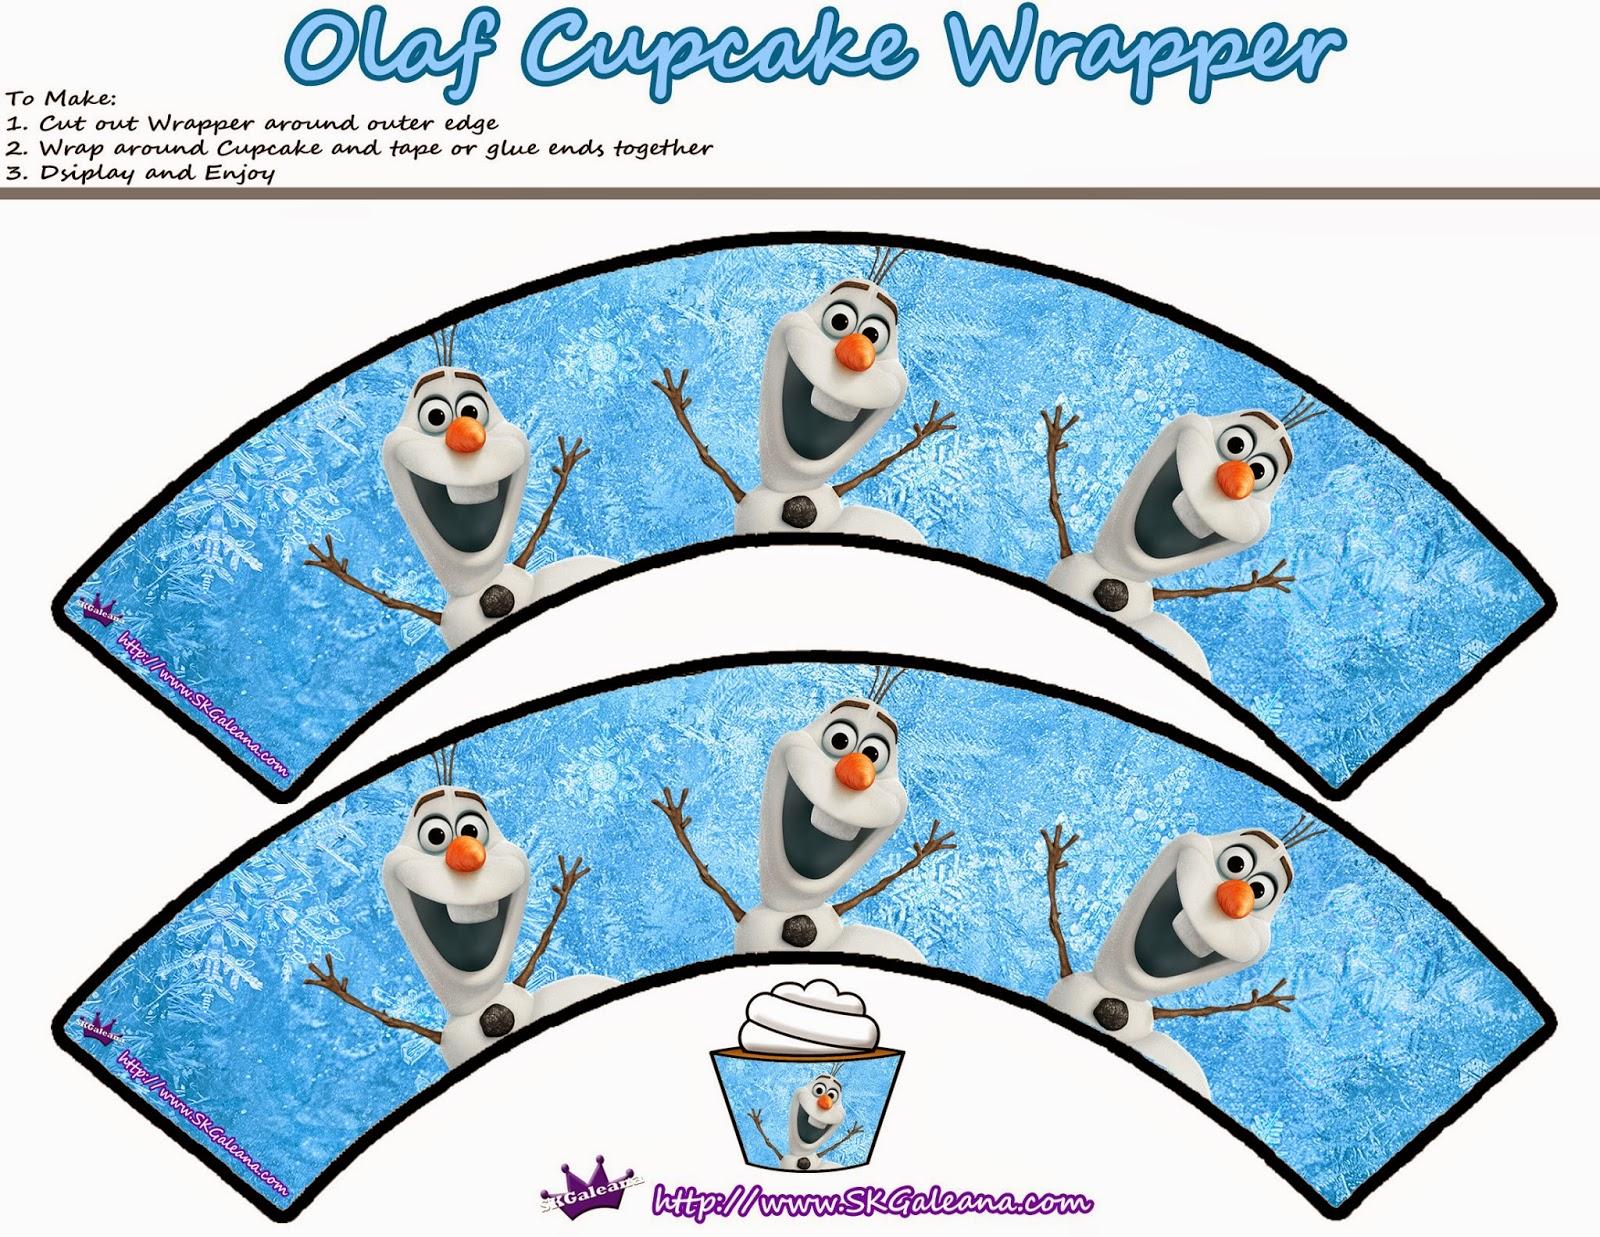 Wrappers de Olaf para Cupcakes.